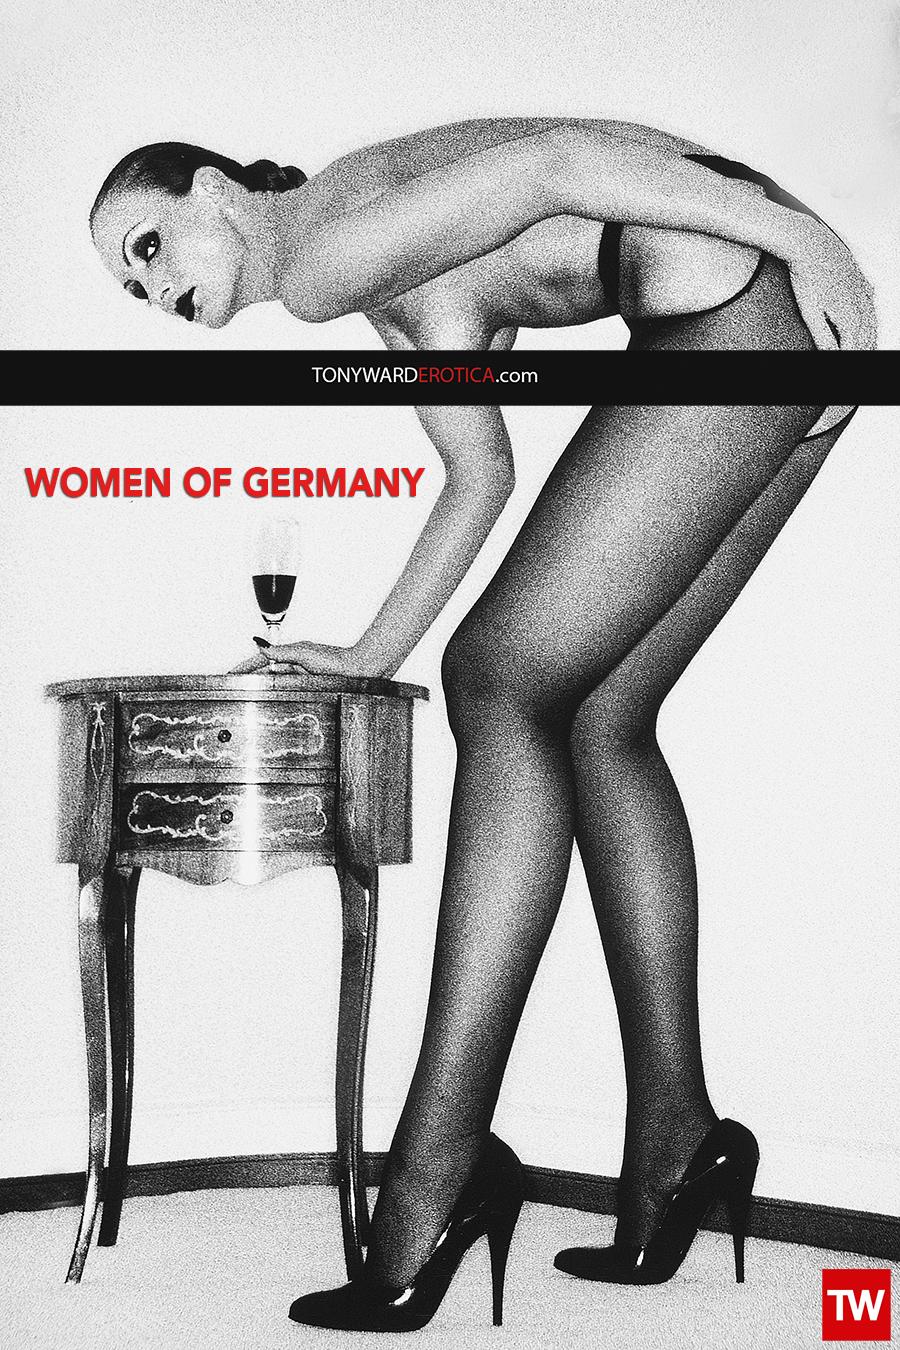 Tony_Ward_Erotica_Photography_Women_Germany_nudeS_models_Nicole_Shoeber_fashion